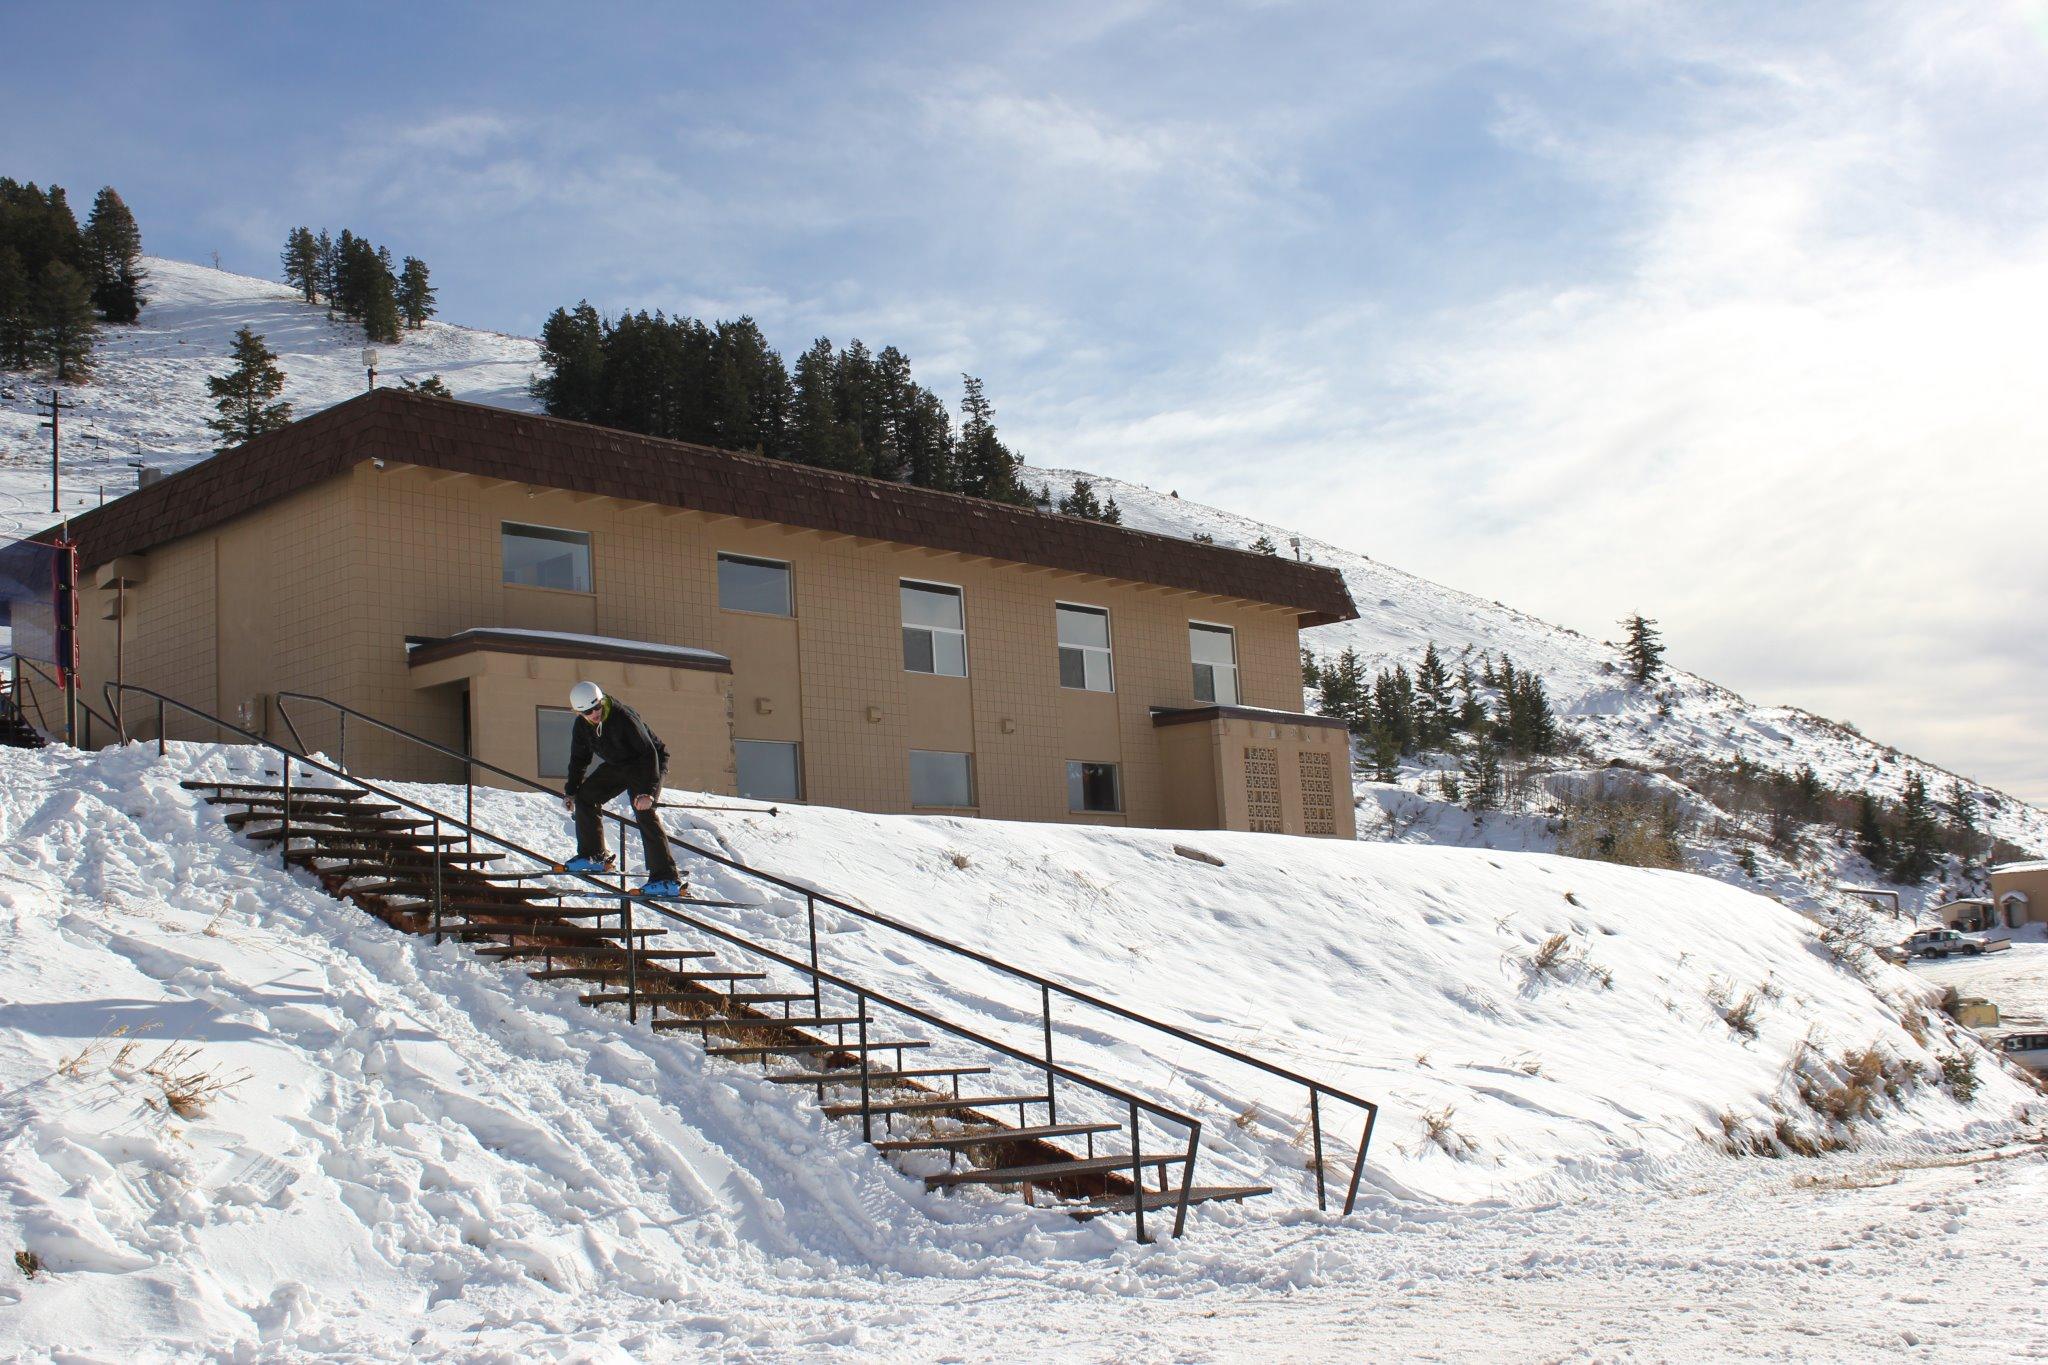 Home Mountain Down rail